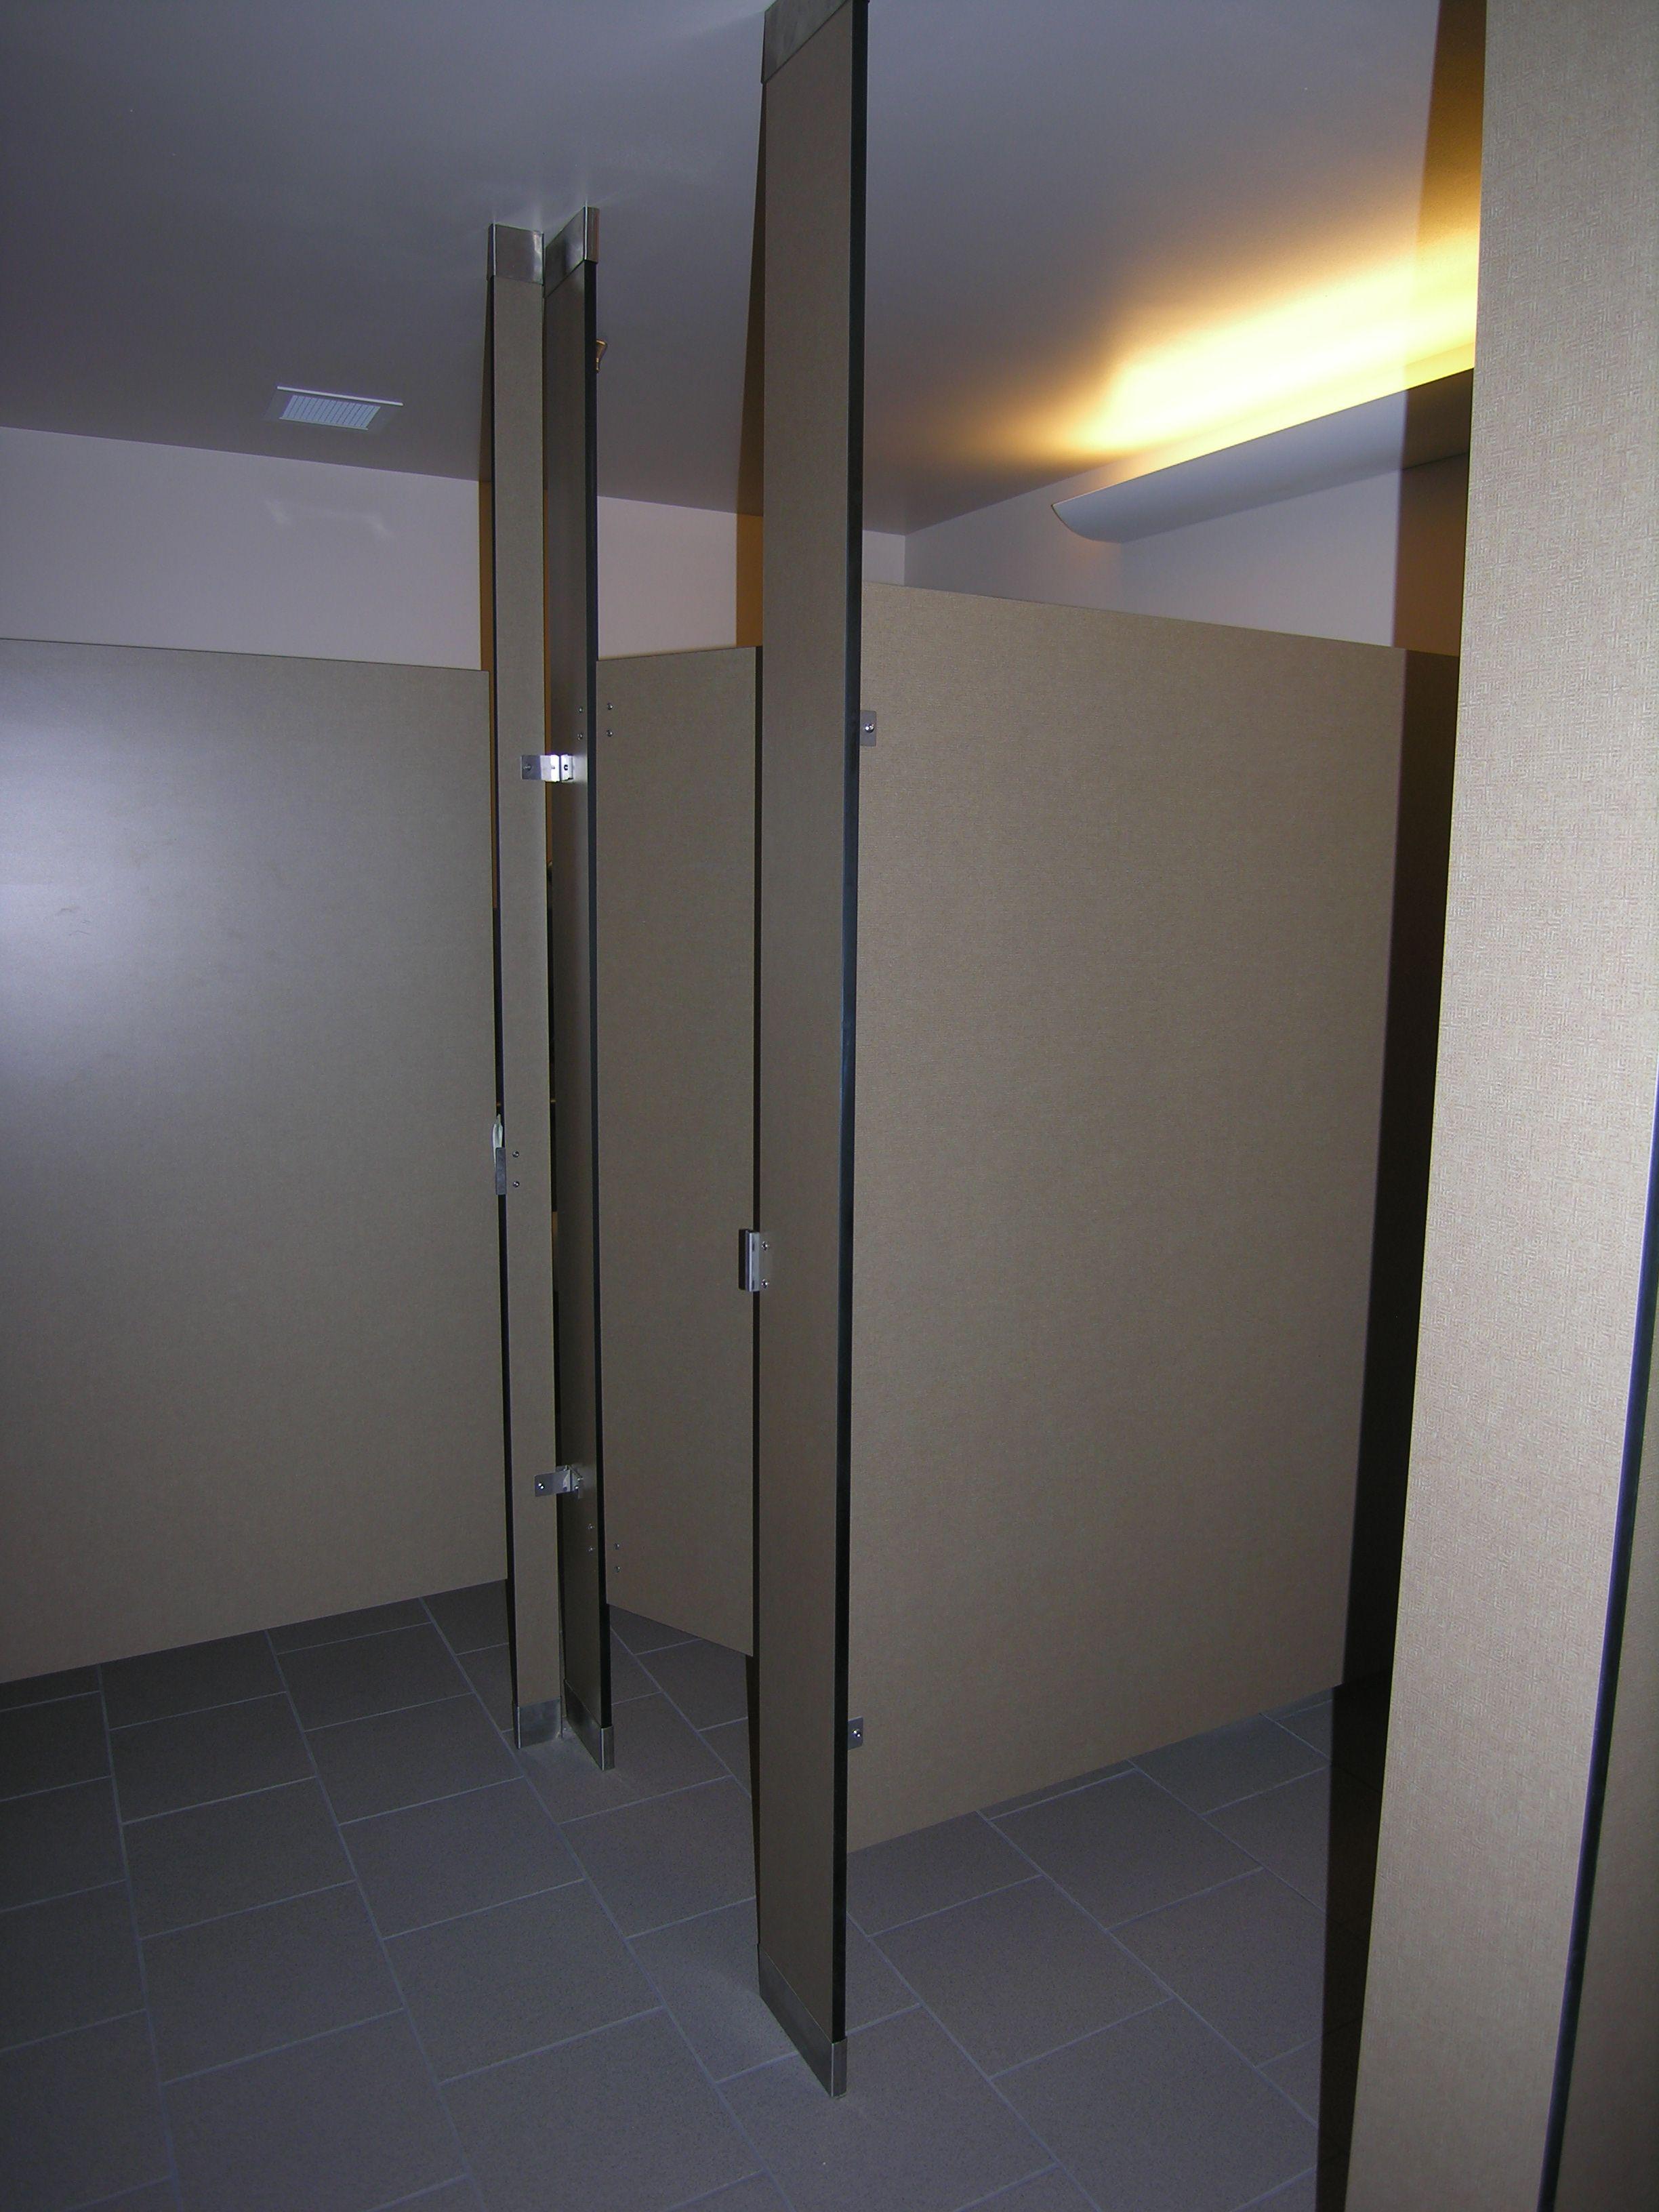 Ironwood Manufacturing Phenolic Toilet Partitions And Bathroom Doors - Phenolic bathroom partitions